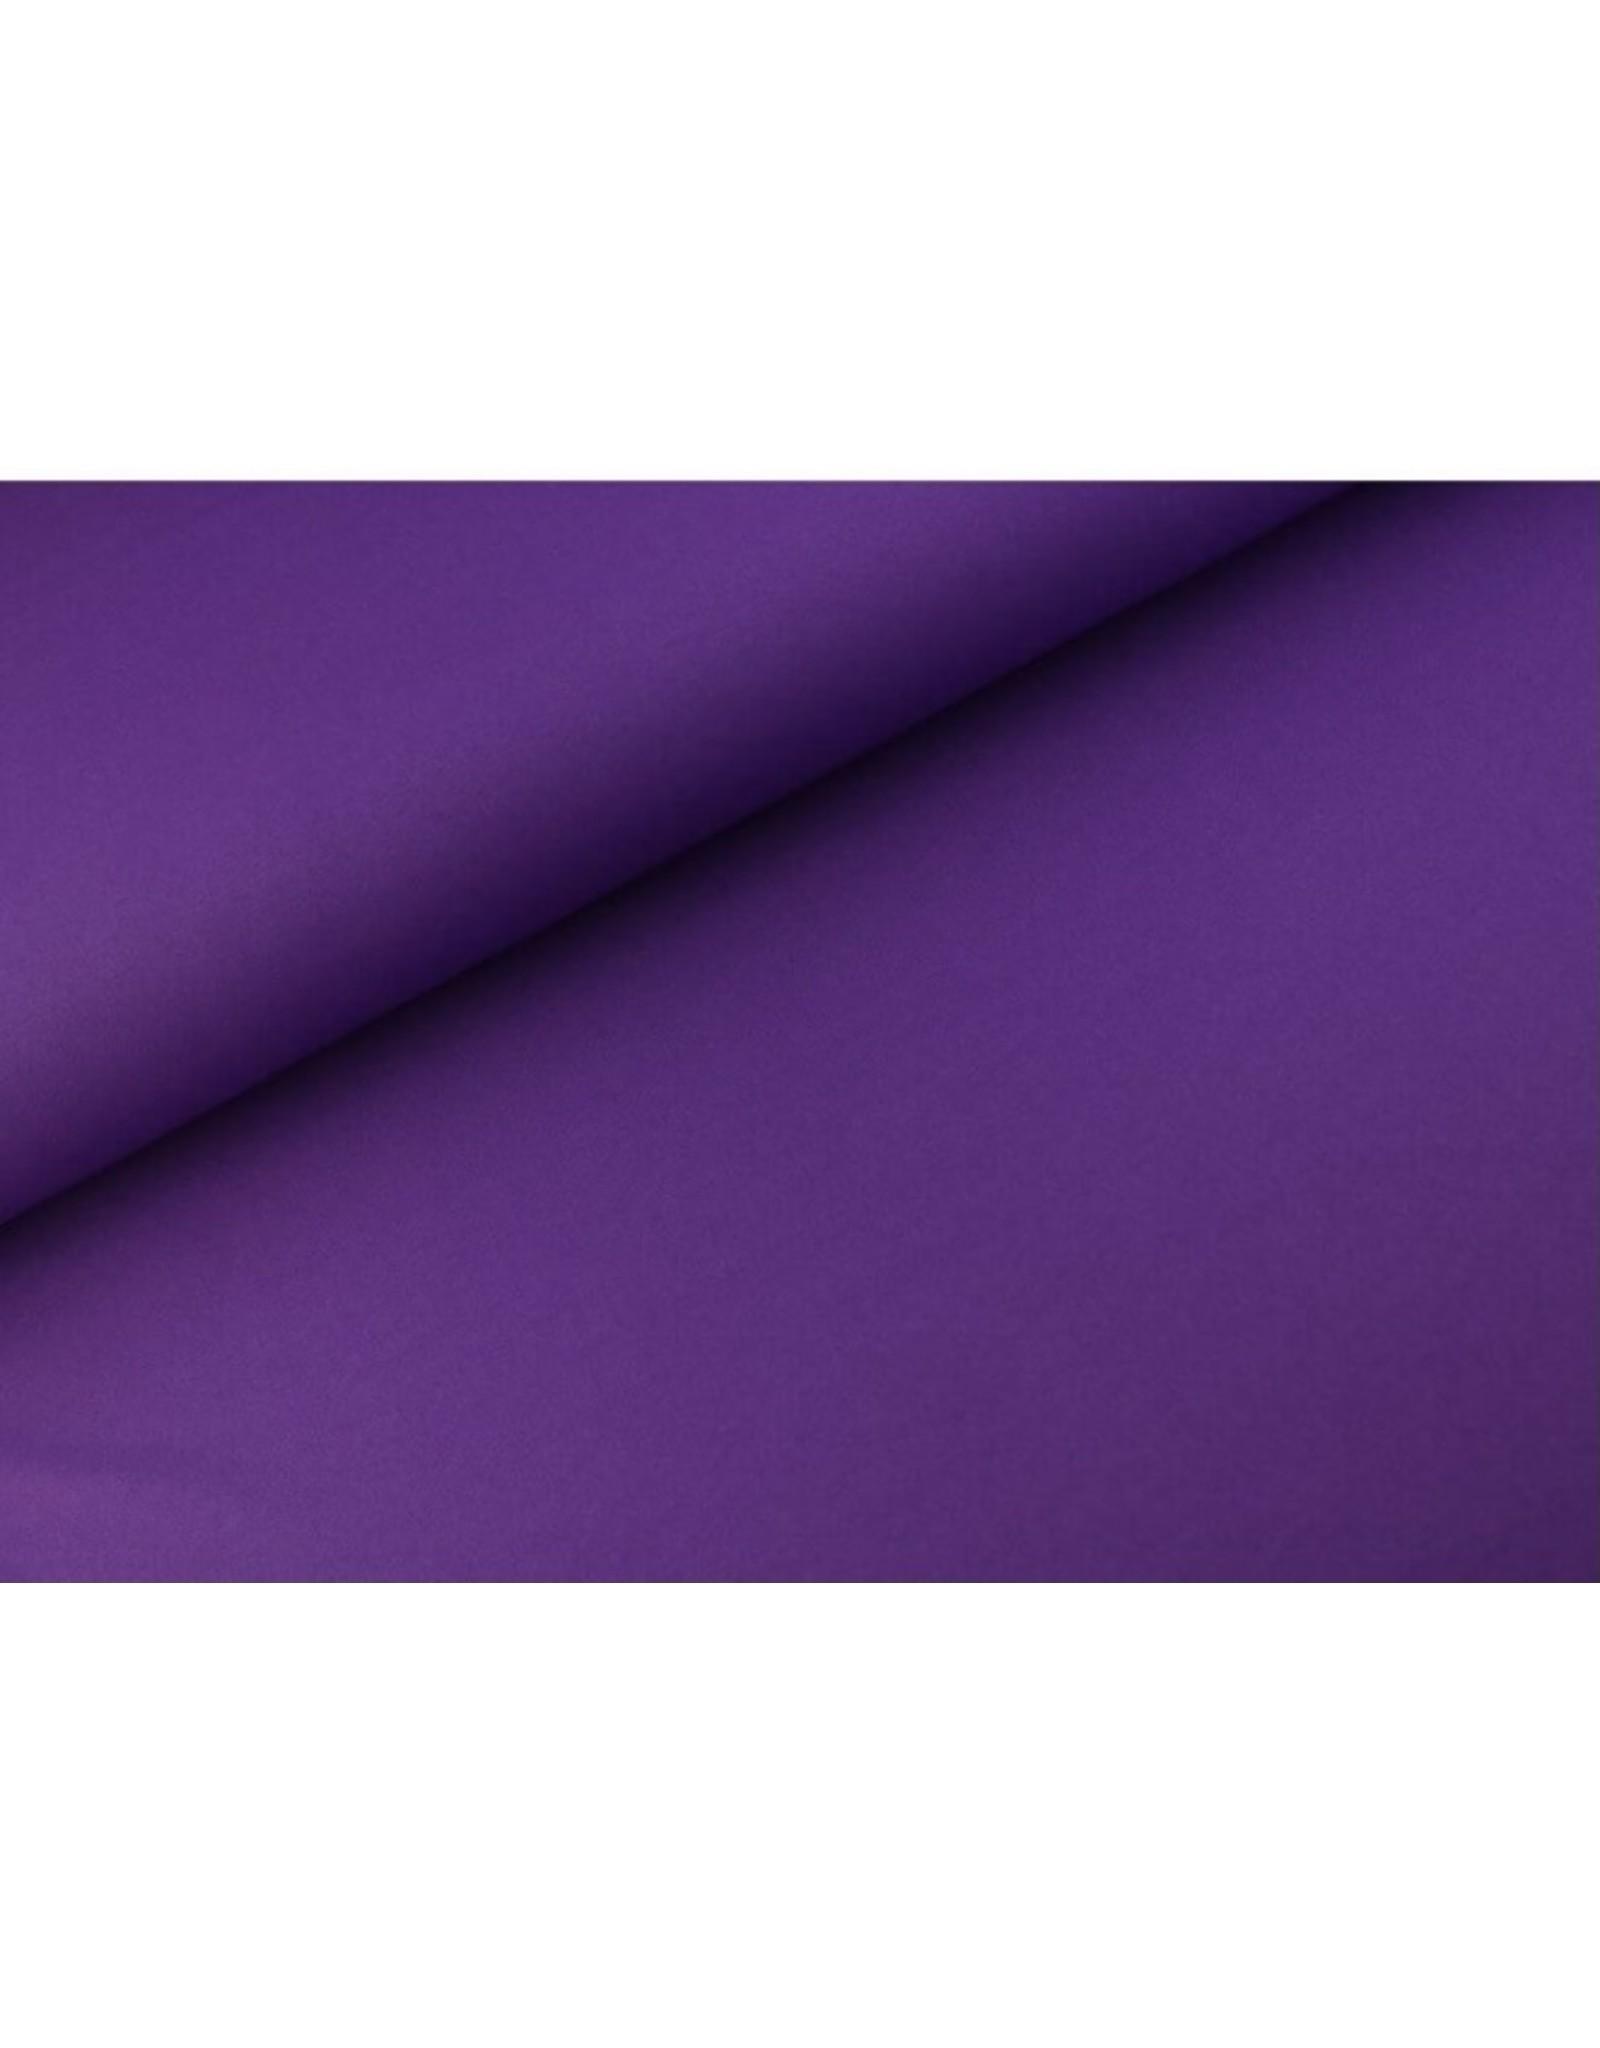 Bi-Stretch Violett